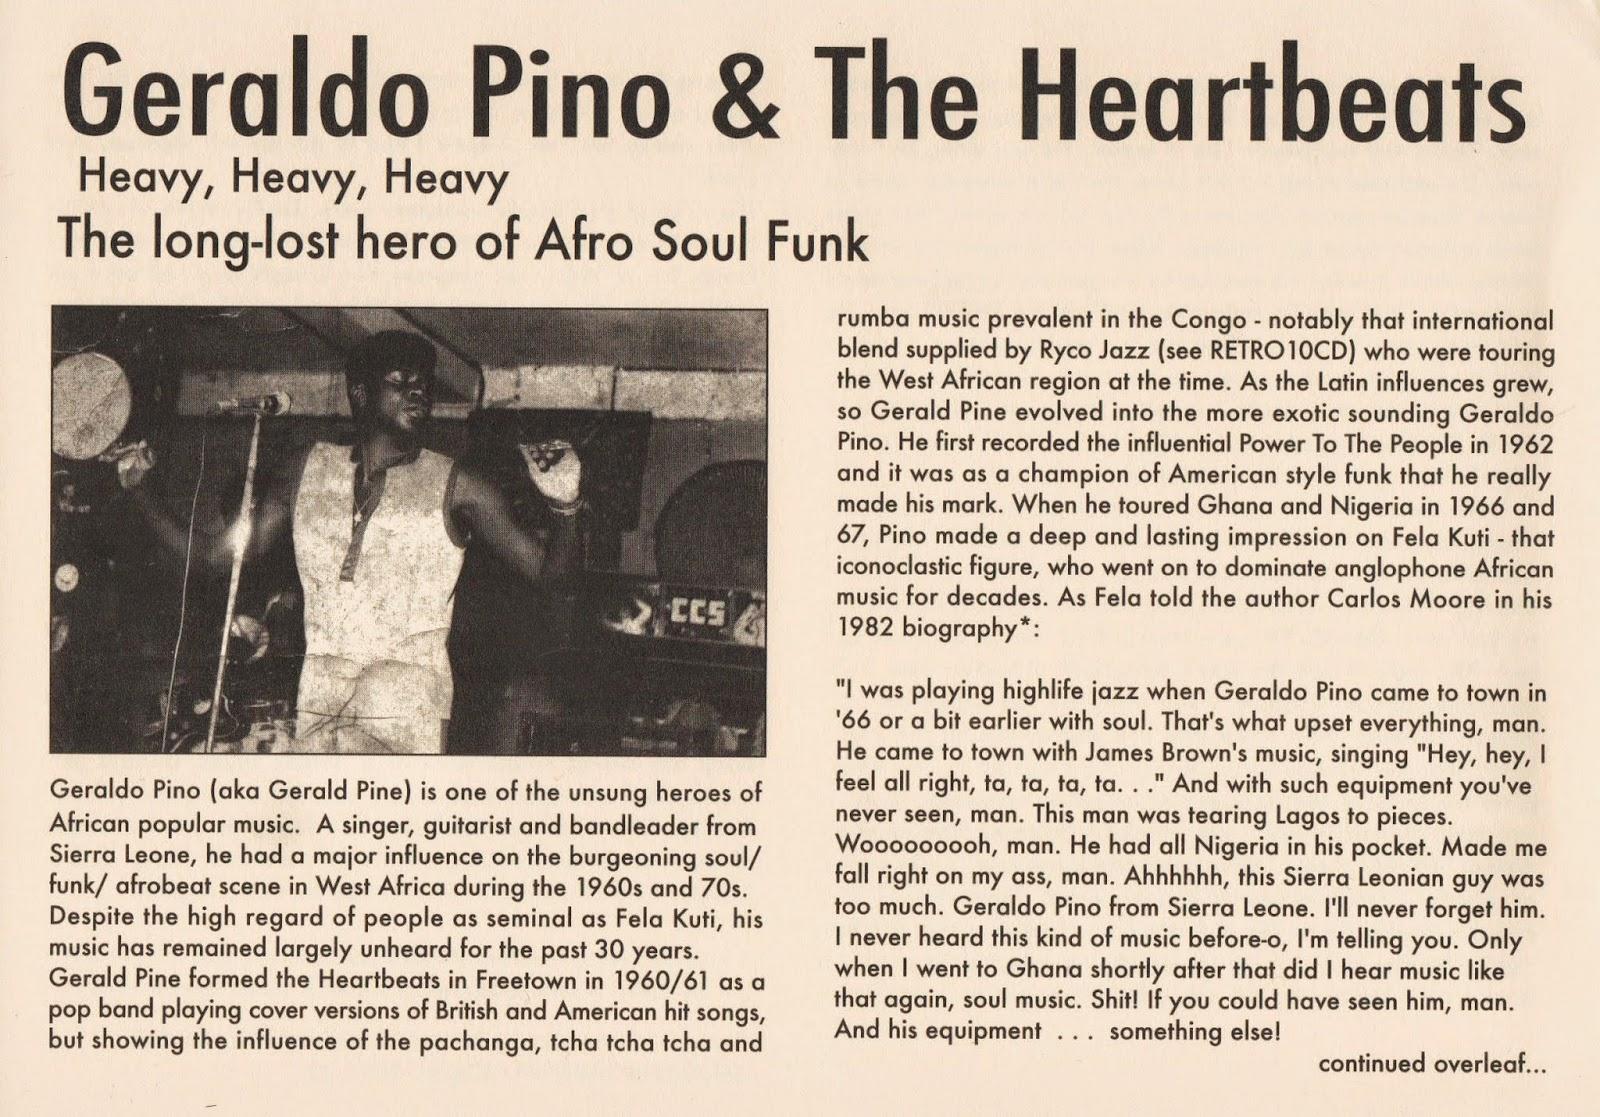 Geraldo Pino & Heartbeats, The - Heavy Heavy Heavy